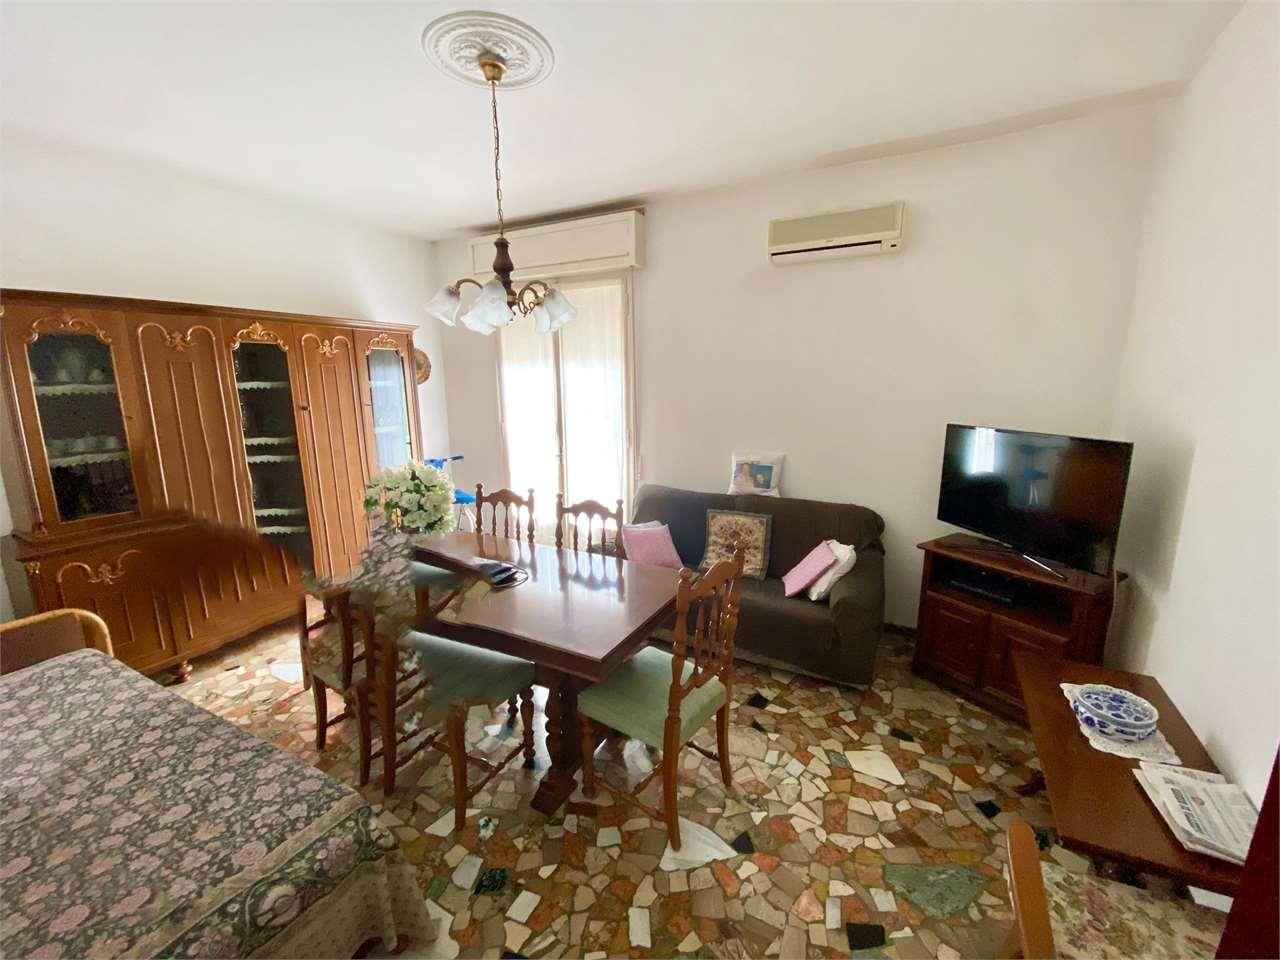 Appartamento in vendita a Correggio, 3 locali, prezzo € 85.000 | CambioCasa.it